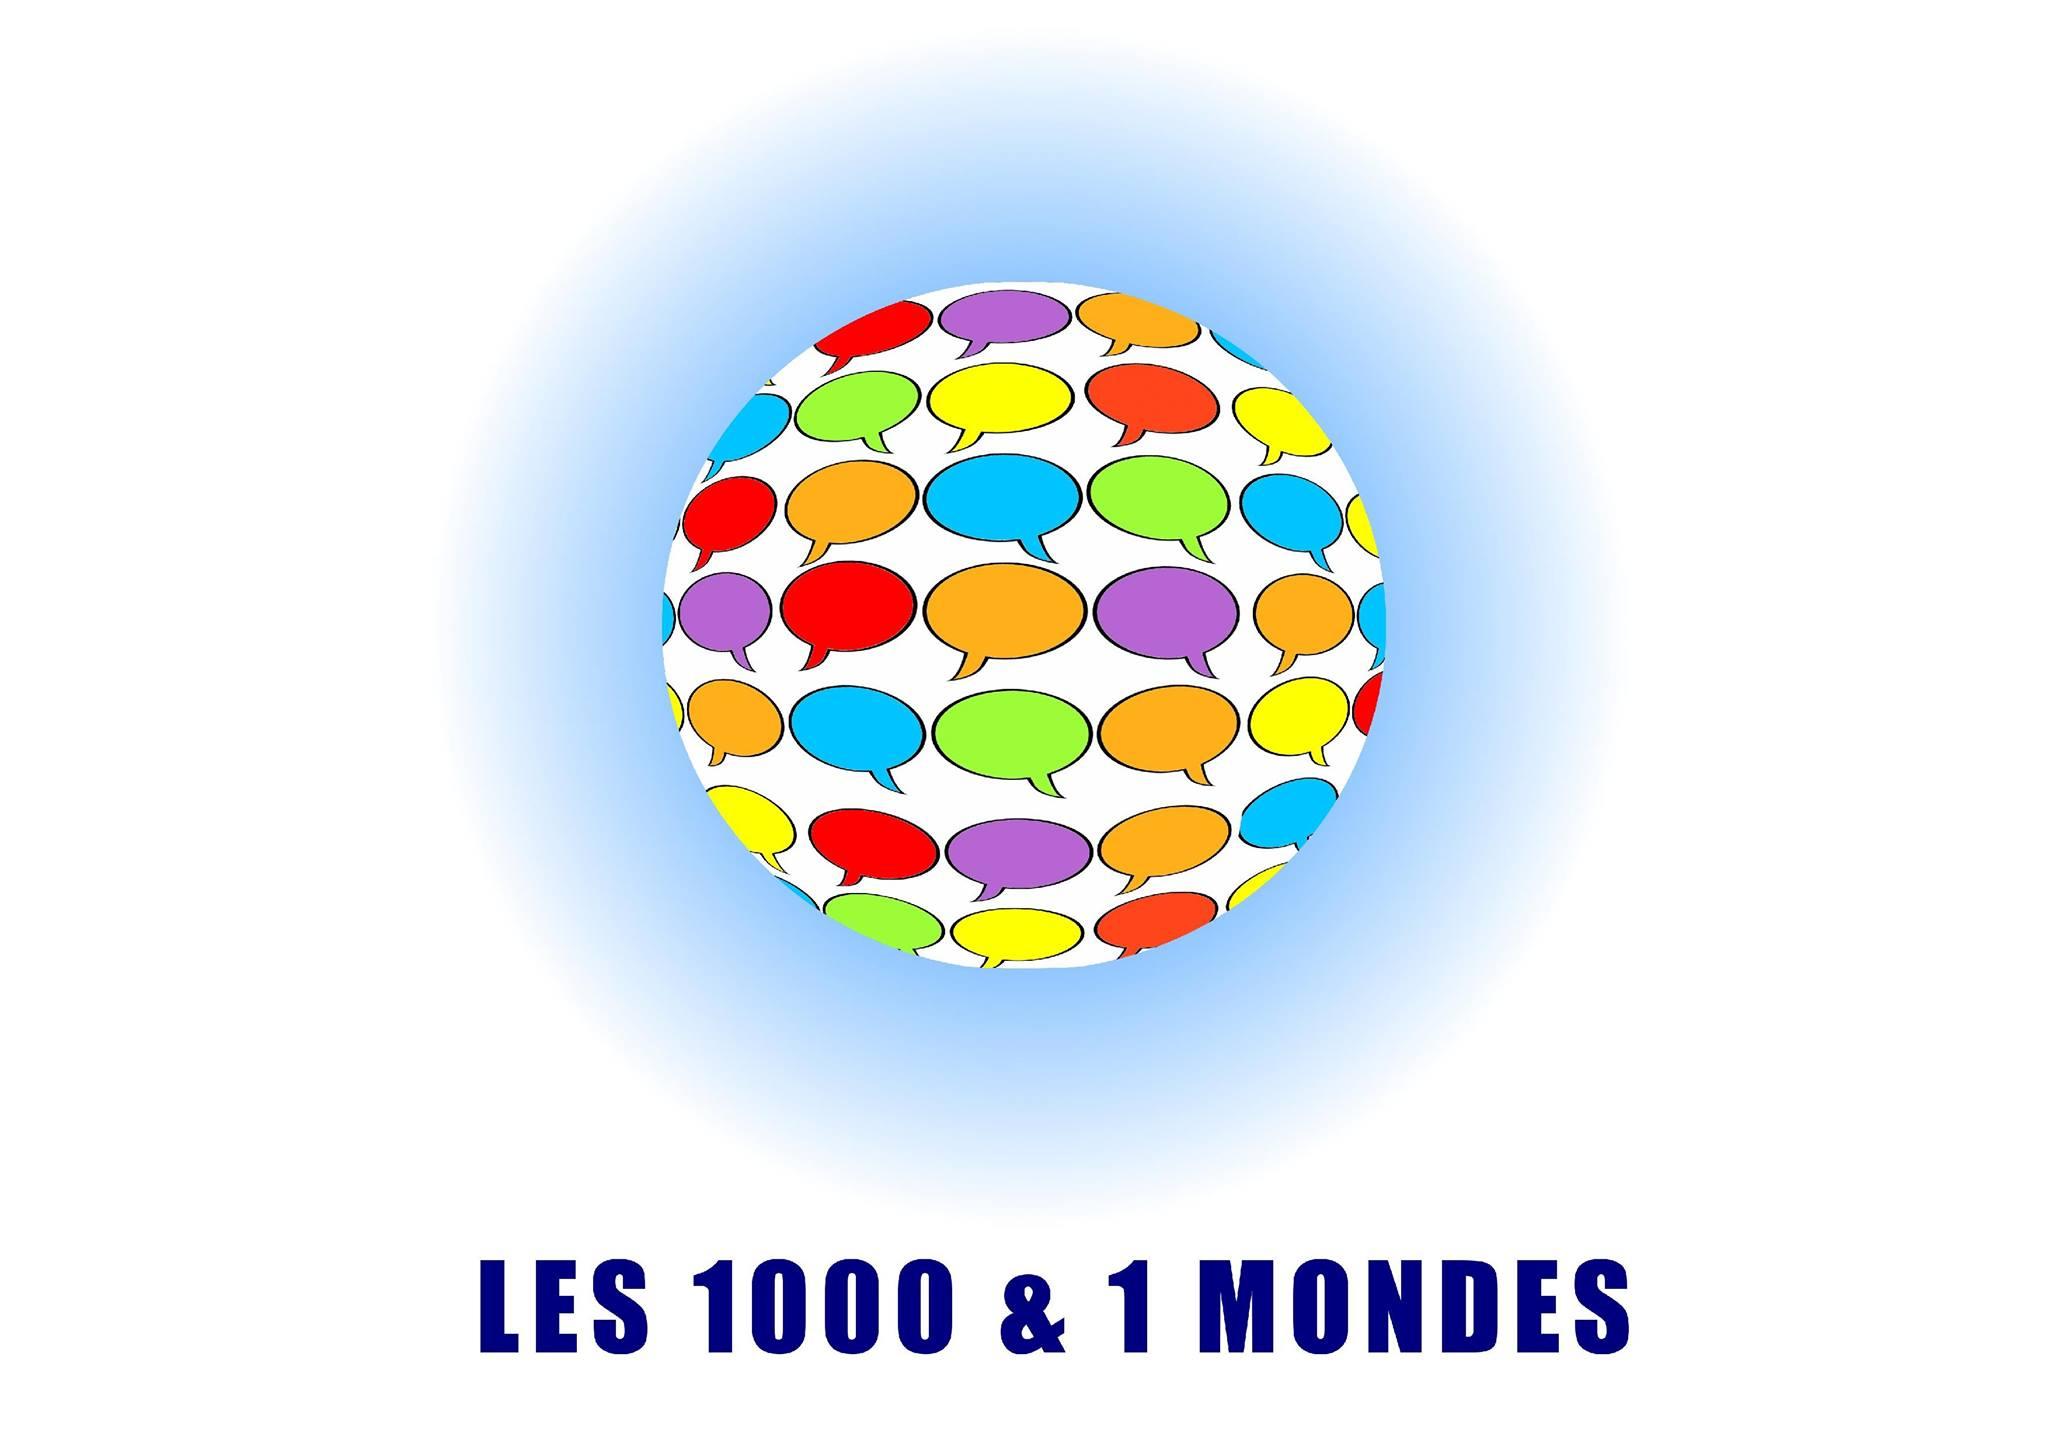 —– LES 1000 ET 1 MONDES —–